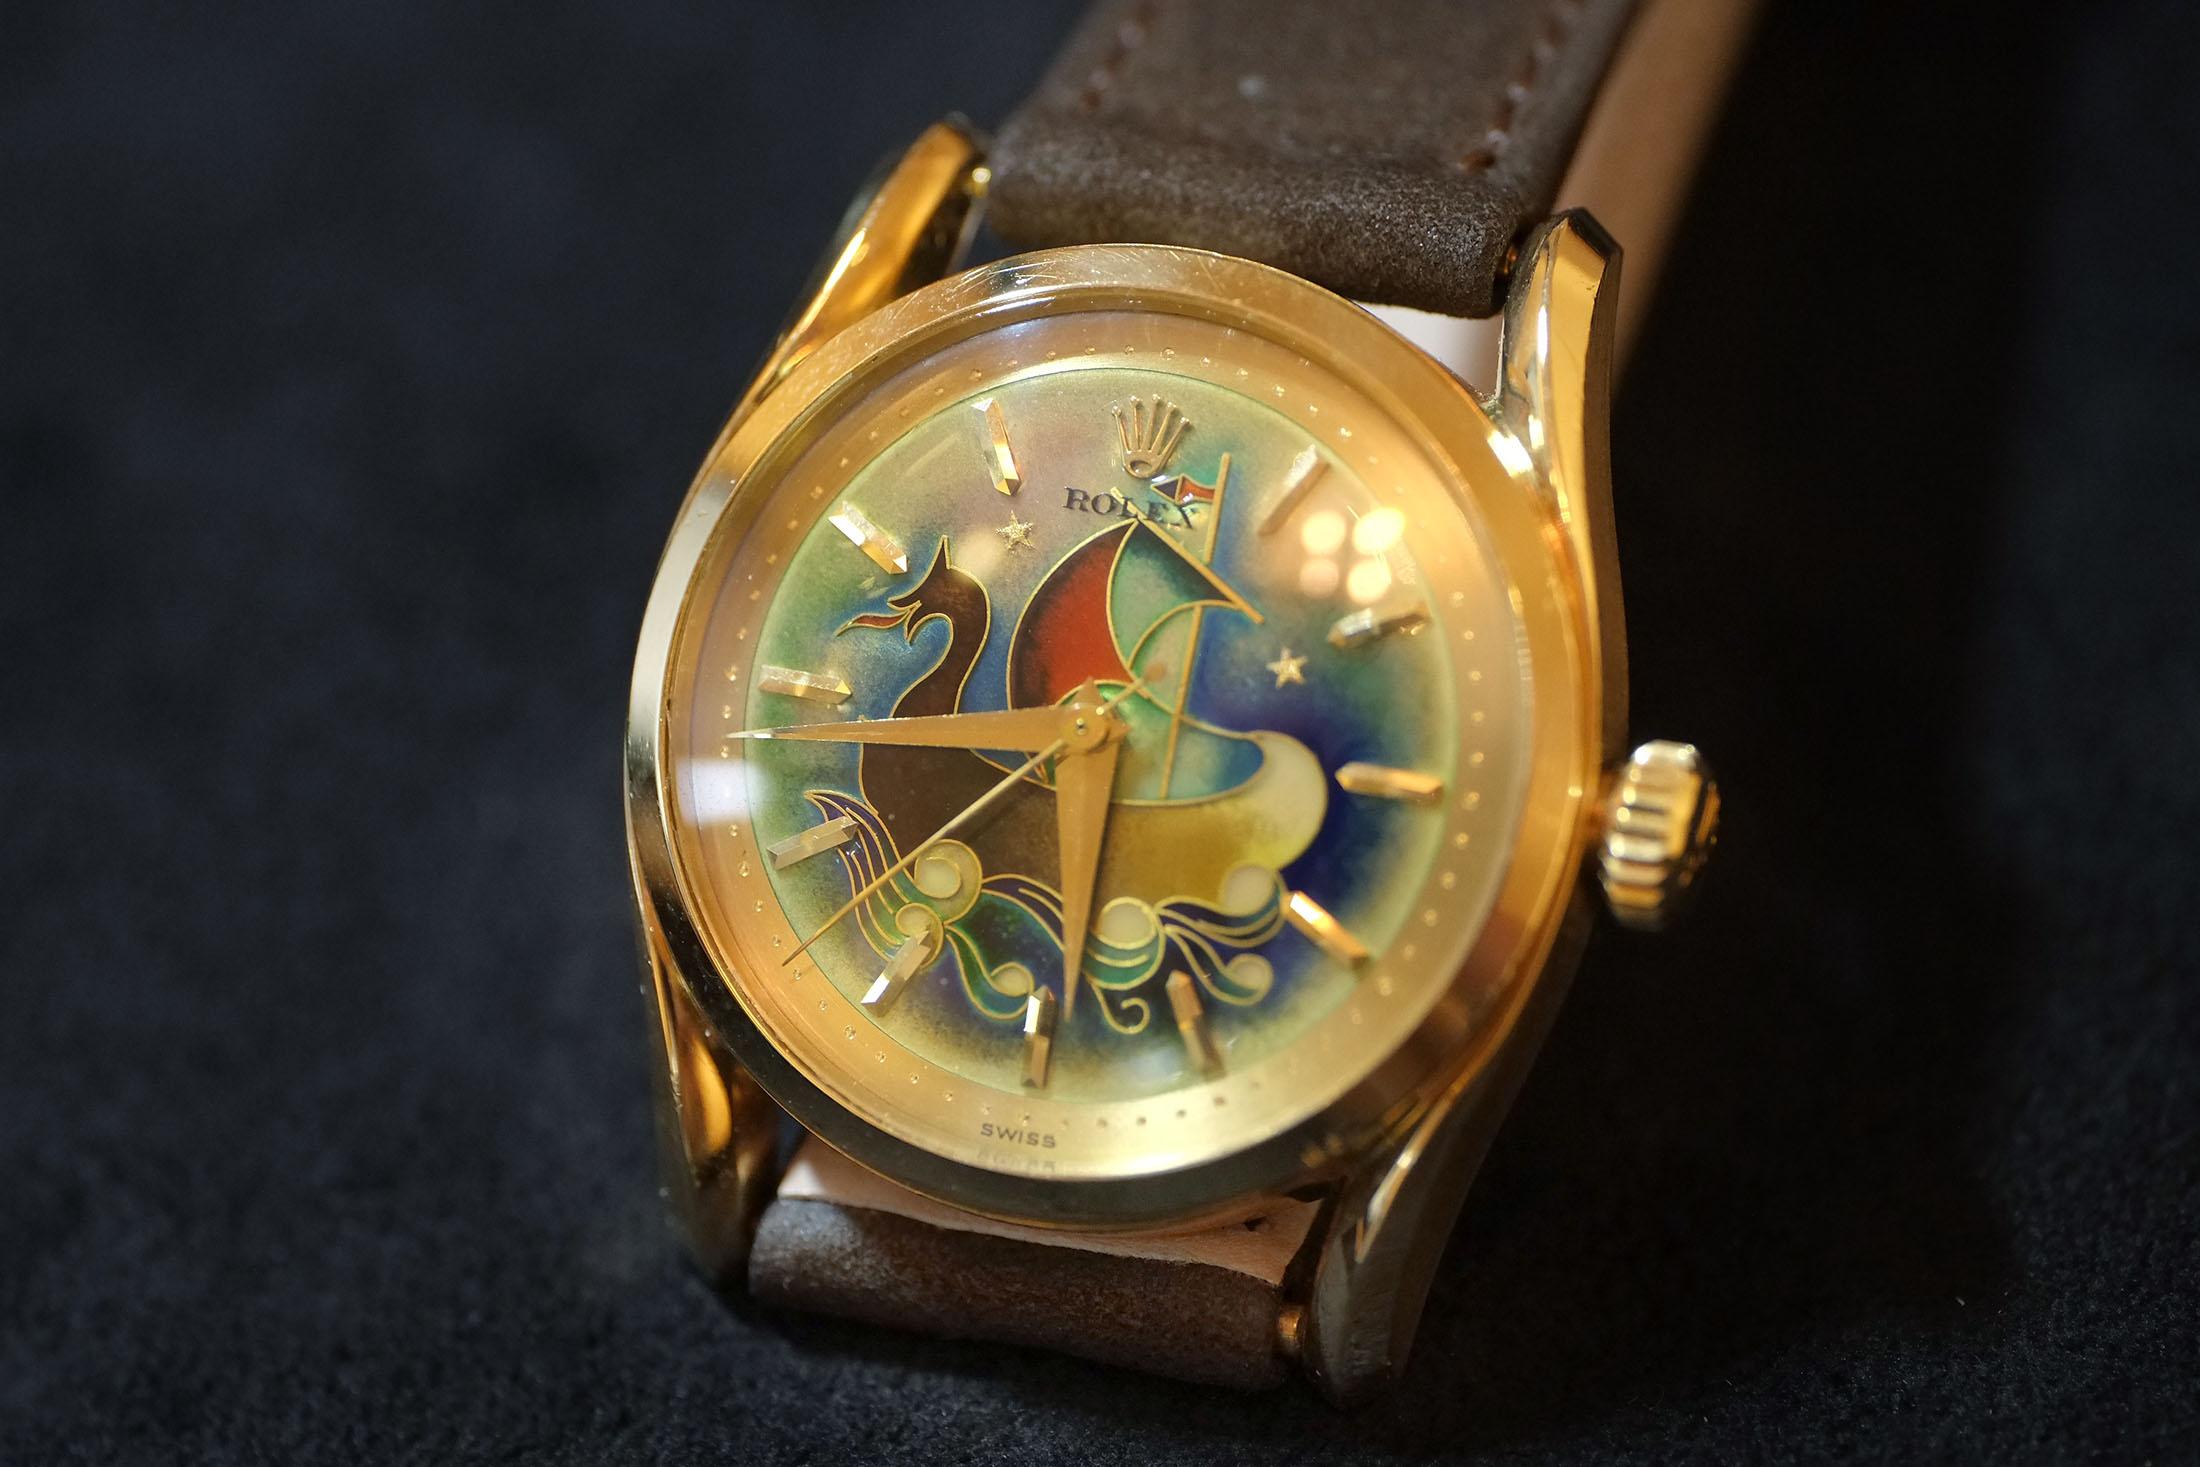 Rolex Caravel Enamel Watch (Lot 162)